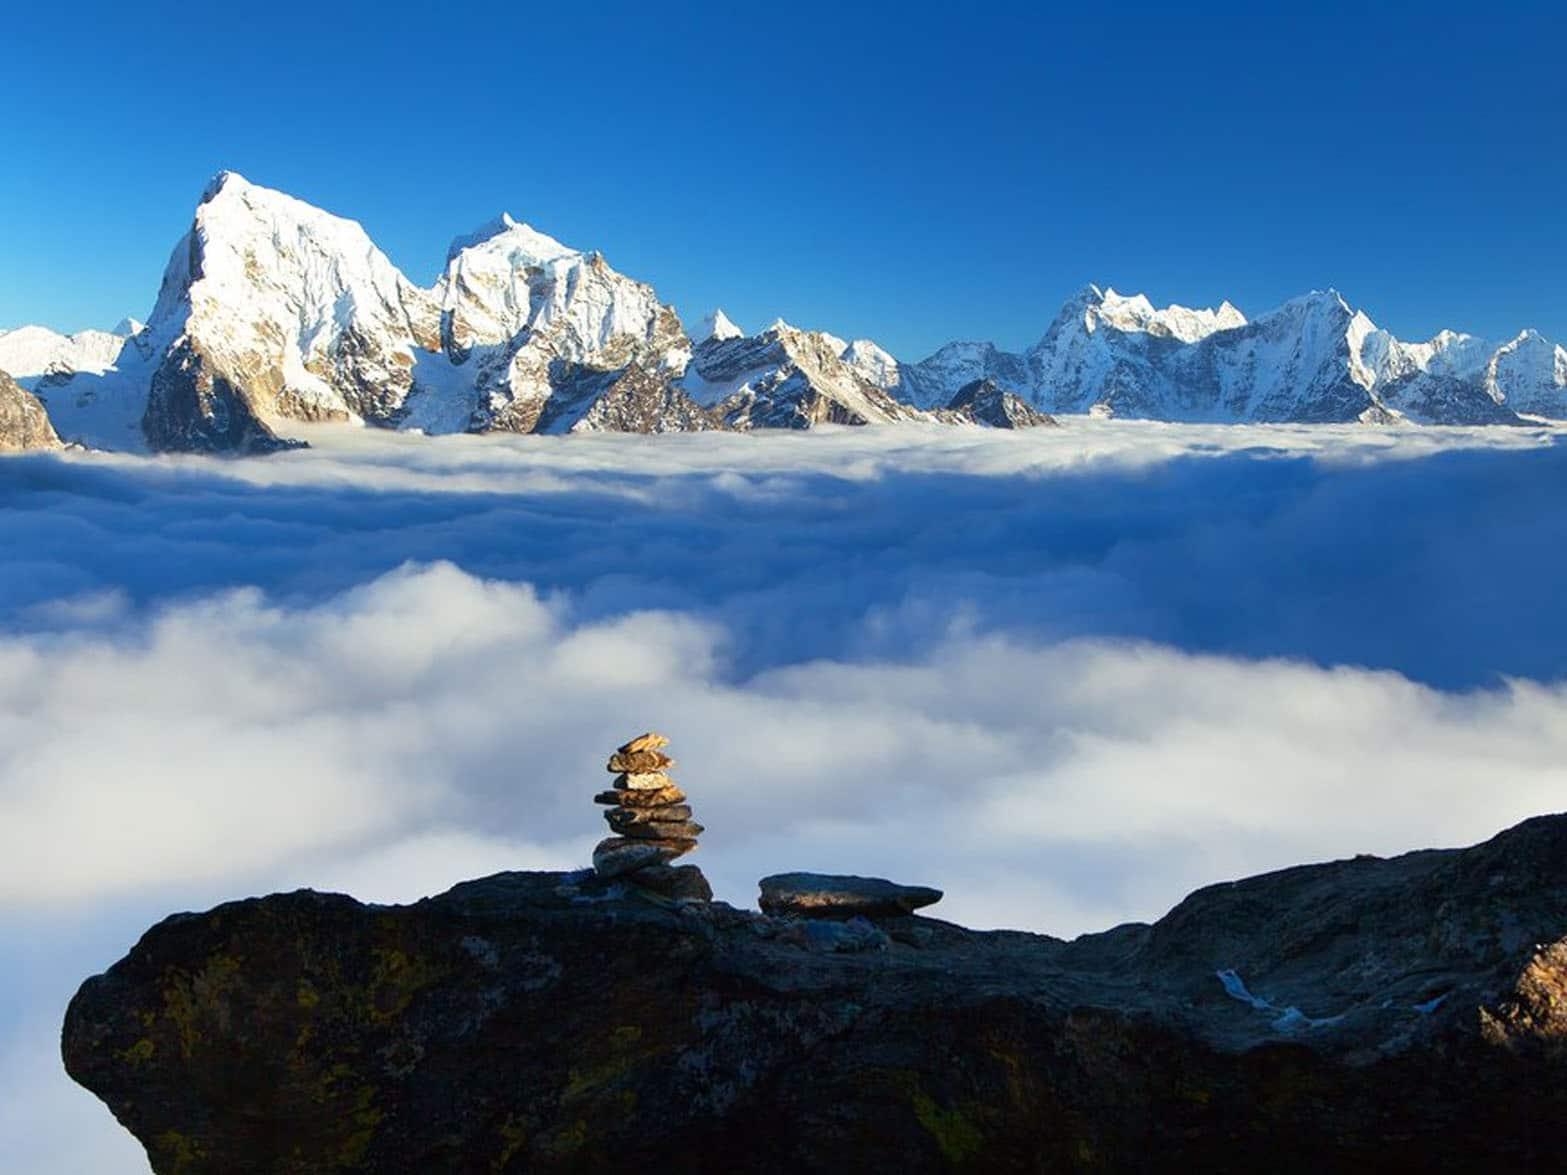 Best Season For Island Peak Climbing in Nepal